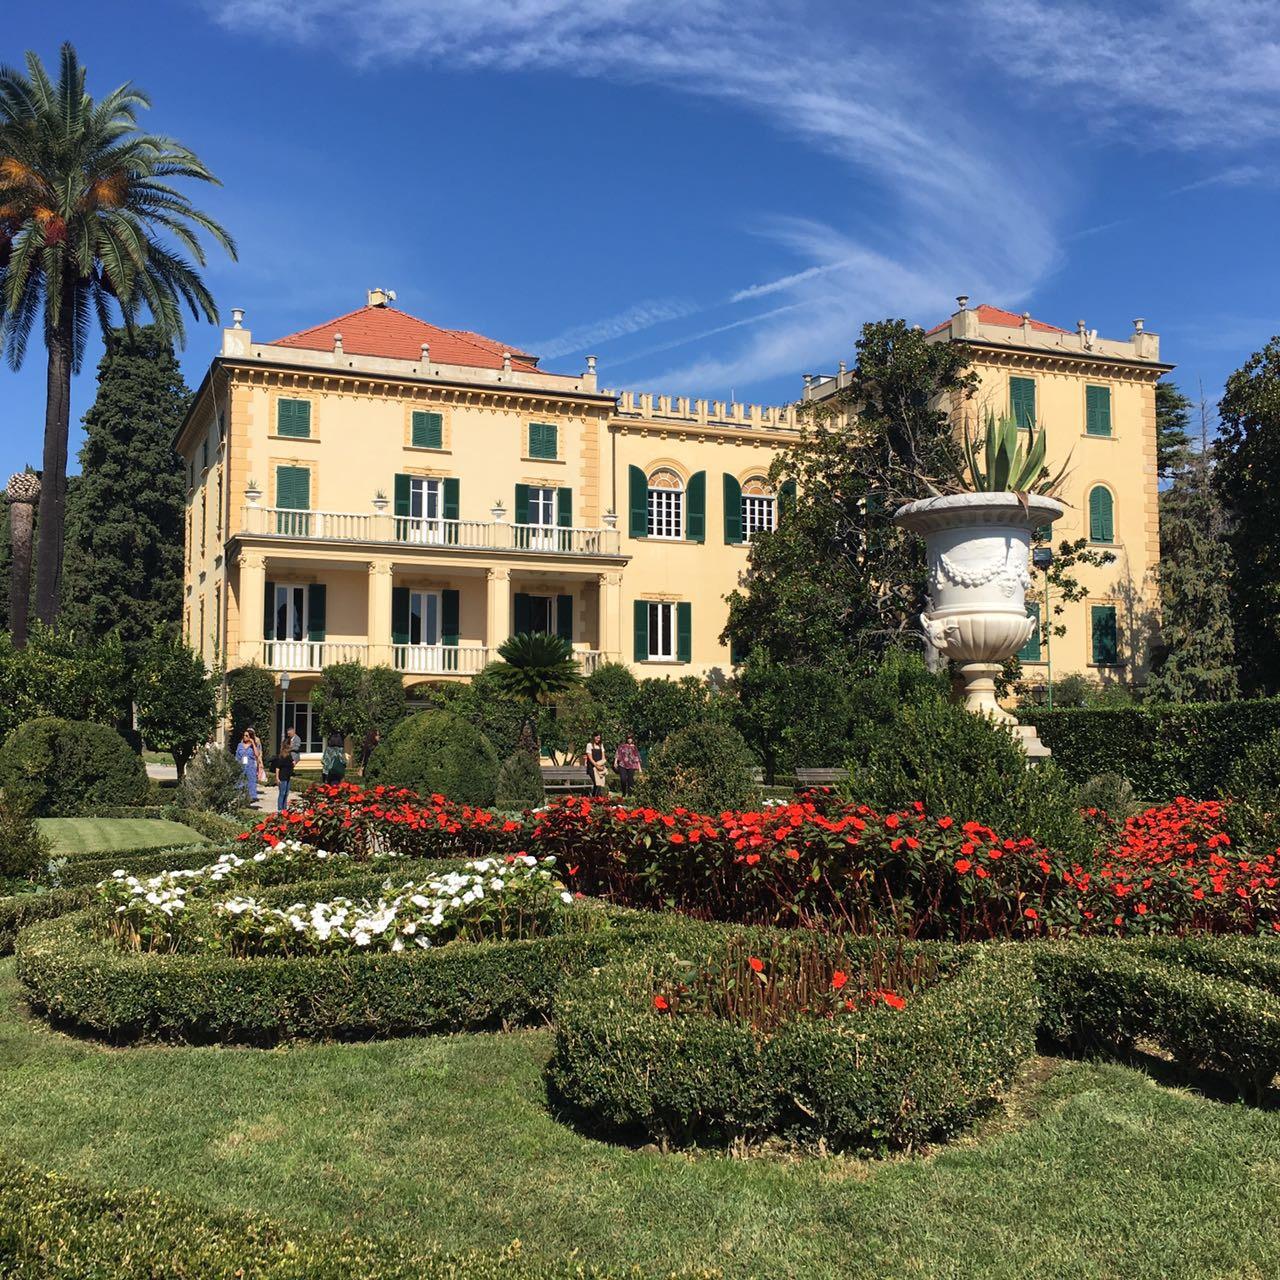 Exclusive villas, getting married in a villa, villa wedding, italian villa,